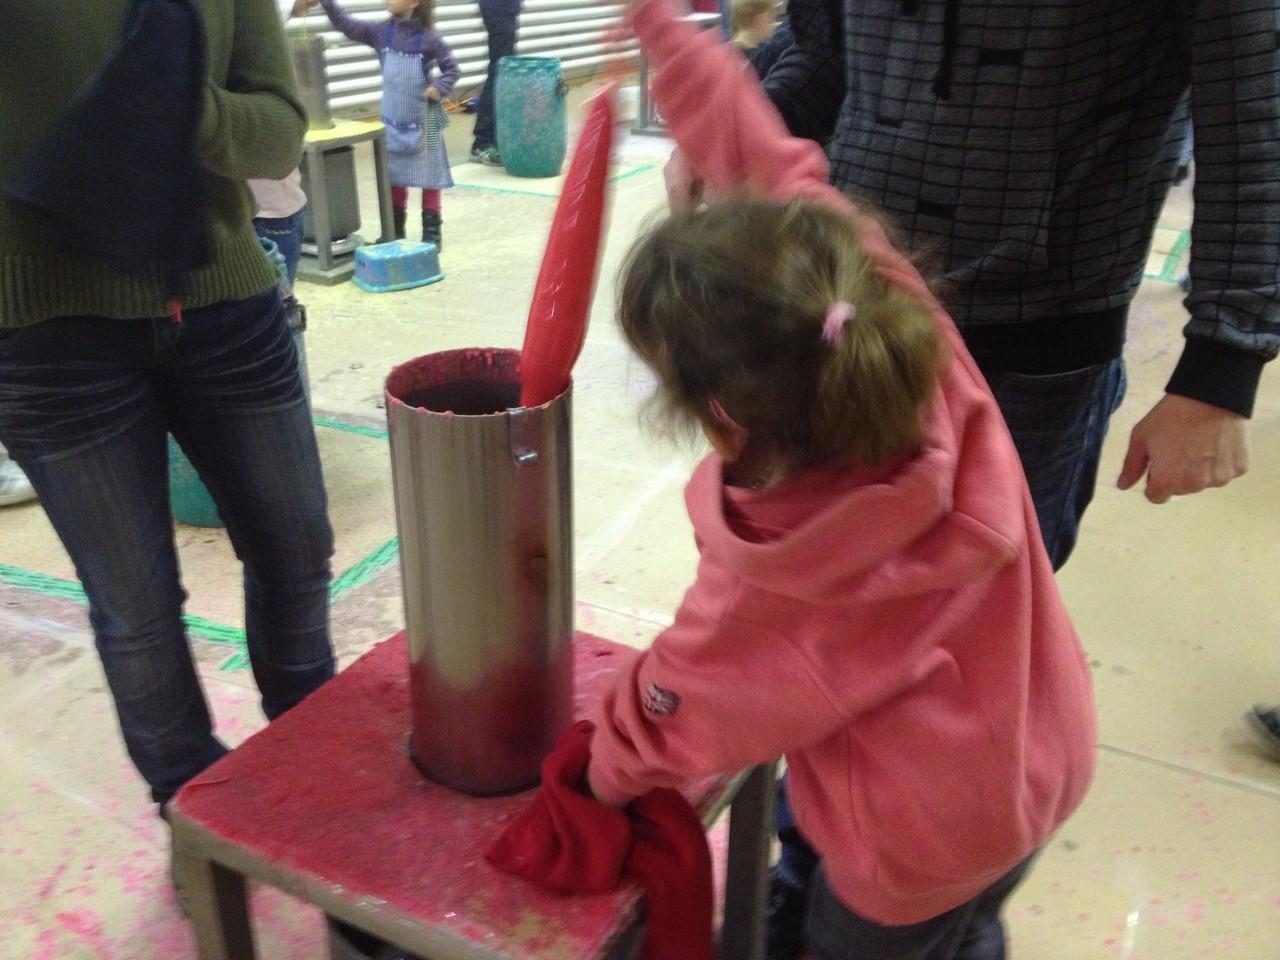 Für die kleinsten Künstler haben wir auch kleine Stufen bereit: So dass jeder seine Kerze ins Wachs tauchen kann...